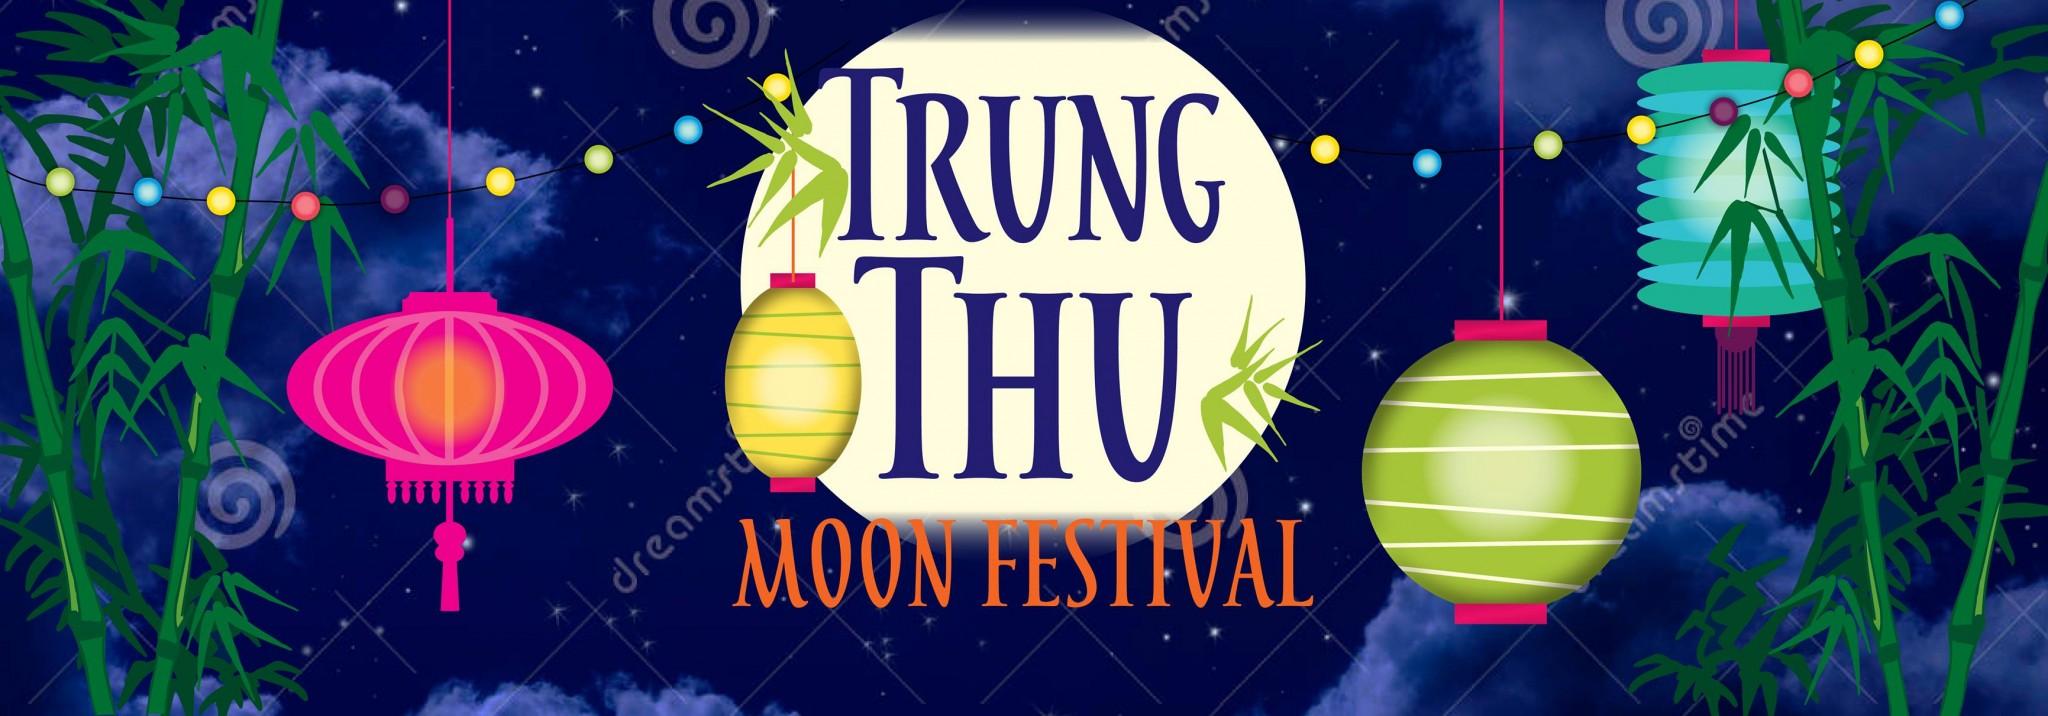 Trung Thu Moon Festival